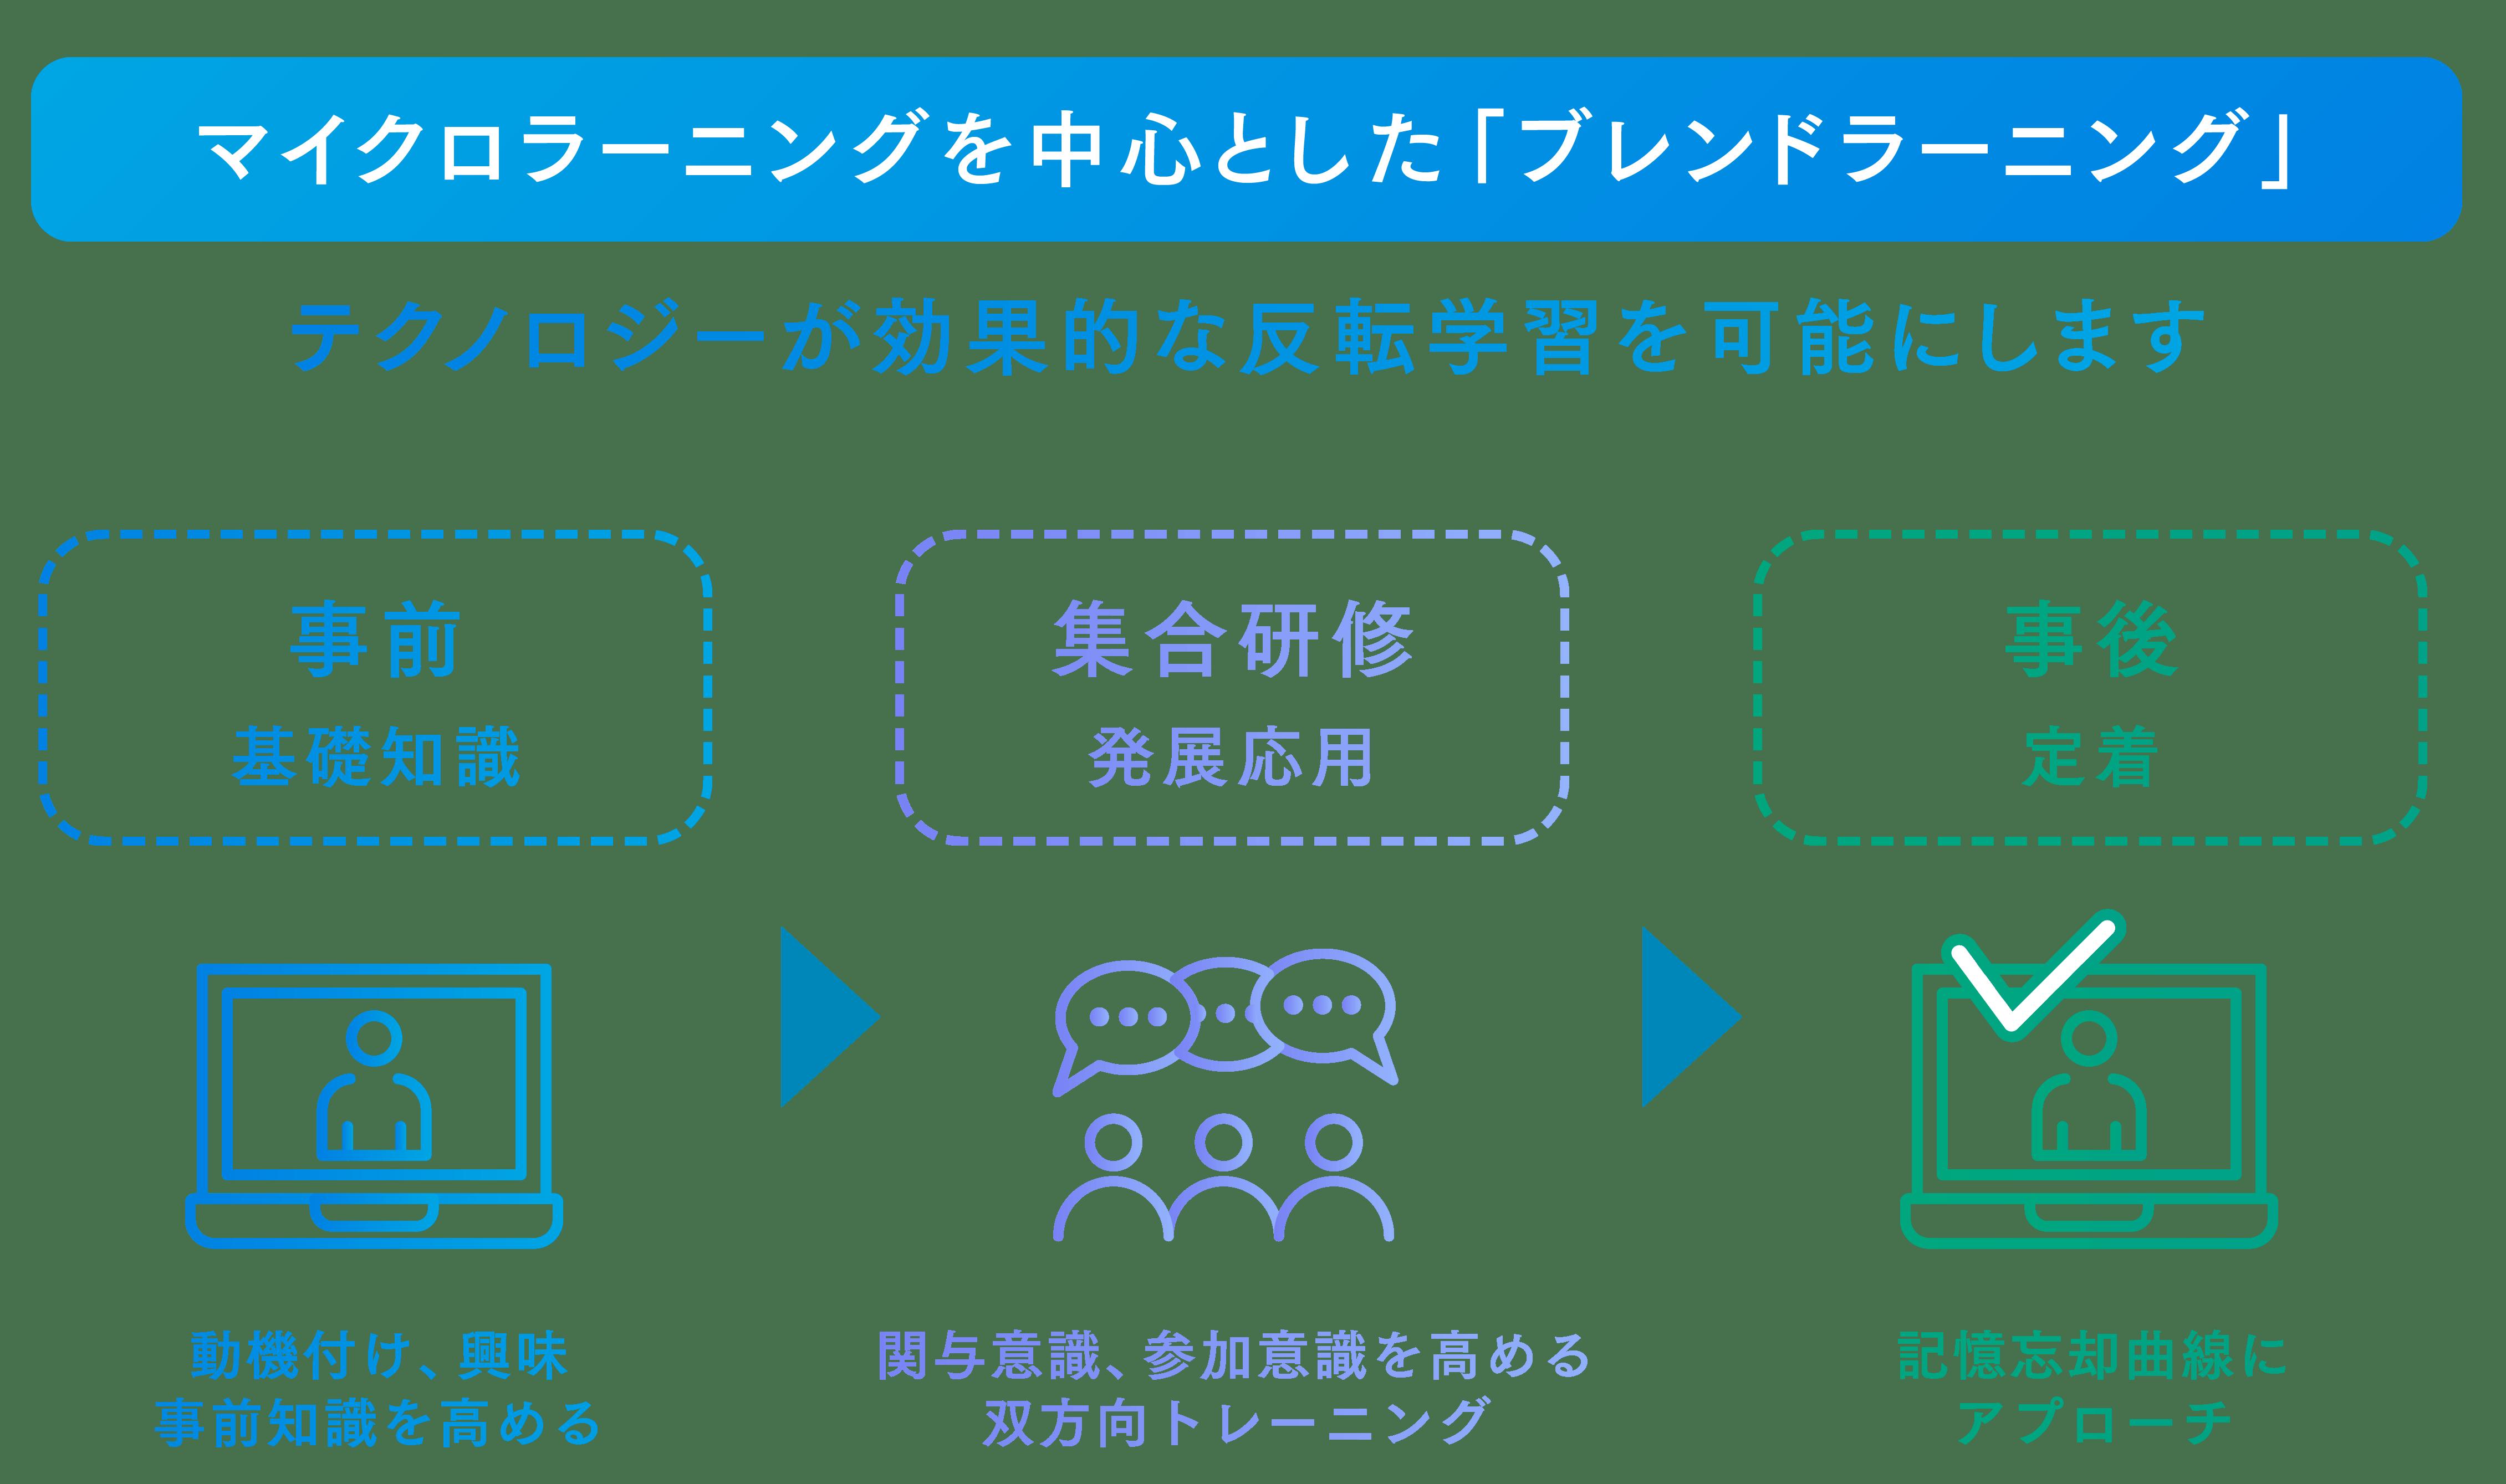 マイクロラーニングを中心とした「ブレンドラーニング」  テクノロジーが効果的な反転学習を可能にします 1.事前「基礎知識」動機付け、興味や事前知識を高める 2.集合研修「発展応用」関与意識、参加意識を高める双方向トレーニング 3.事後「定着」記憶忘却曲線にアプローチ